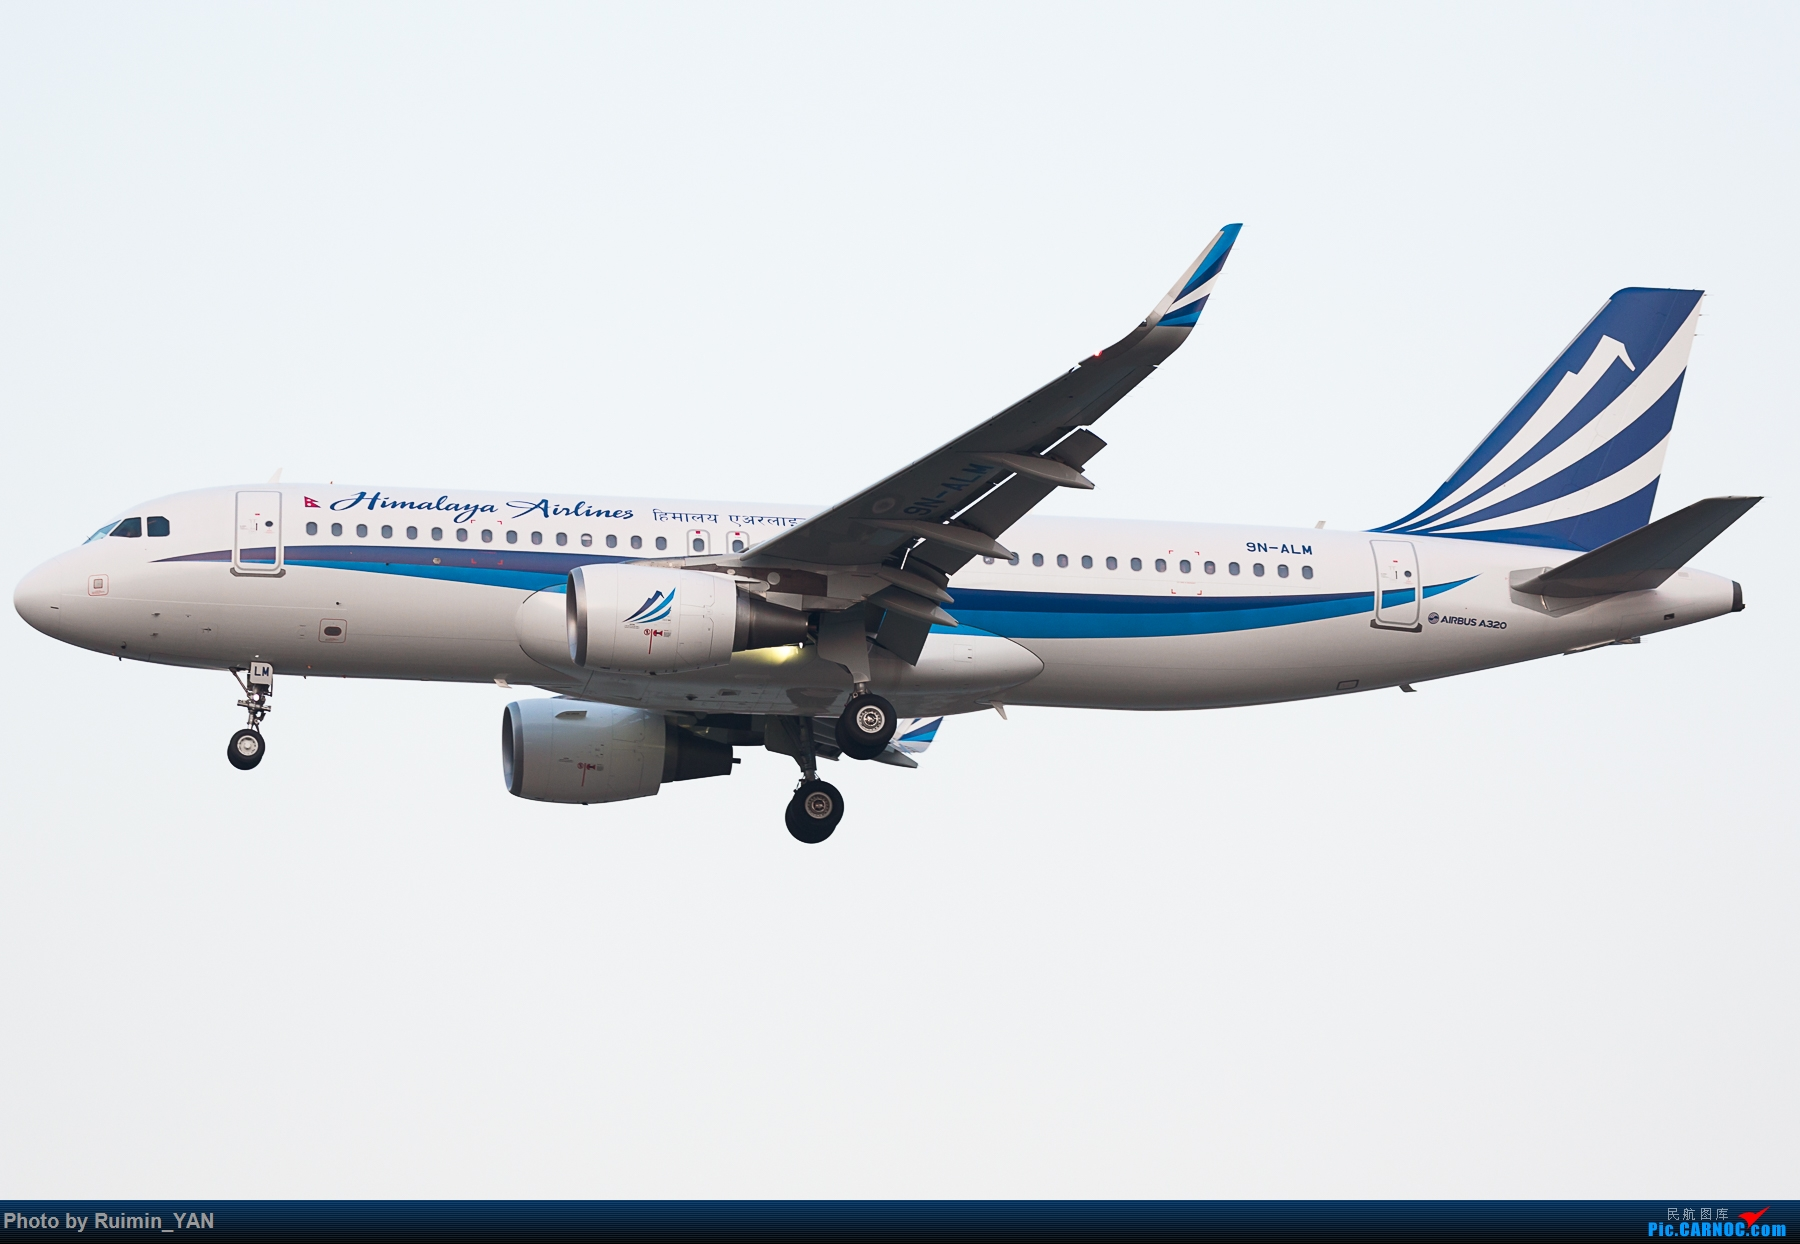 [原创]【PEK飞友会】【首发】尼泊尔总理奥利今起访华,并出席博鳌亚洲论坛年会,乘坐喜马拉雅航空(Himalaya Airlines,H91,HIM001) AIRBUS A320-200 9N-ALM 中国北京首都国际机场